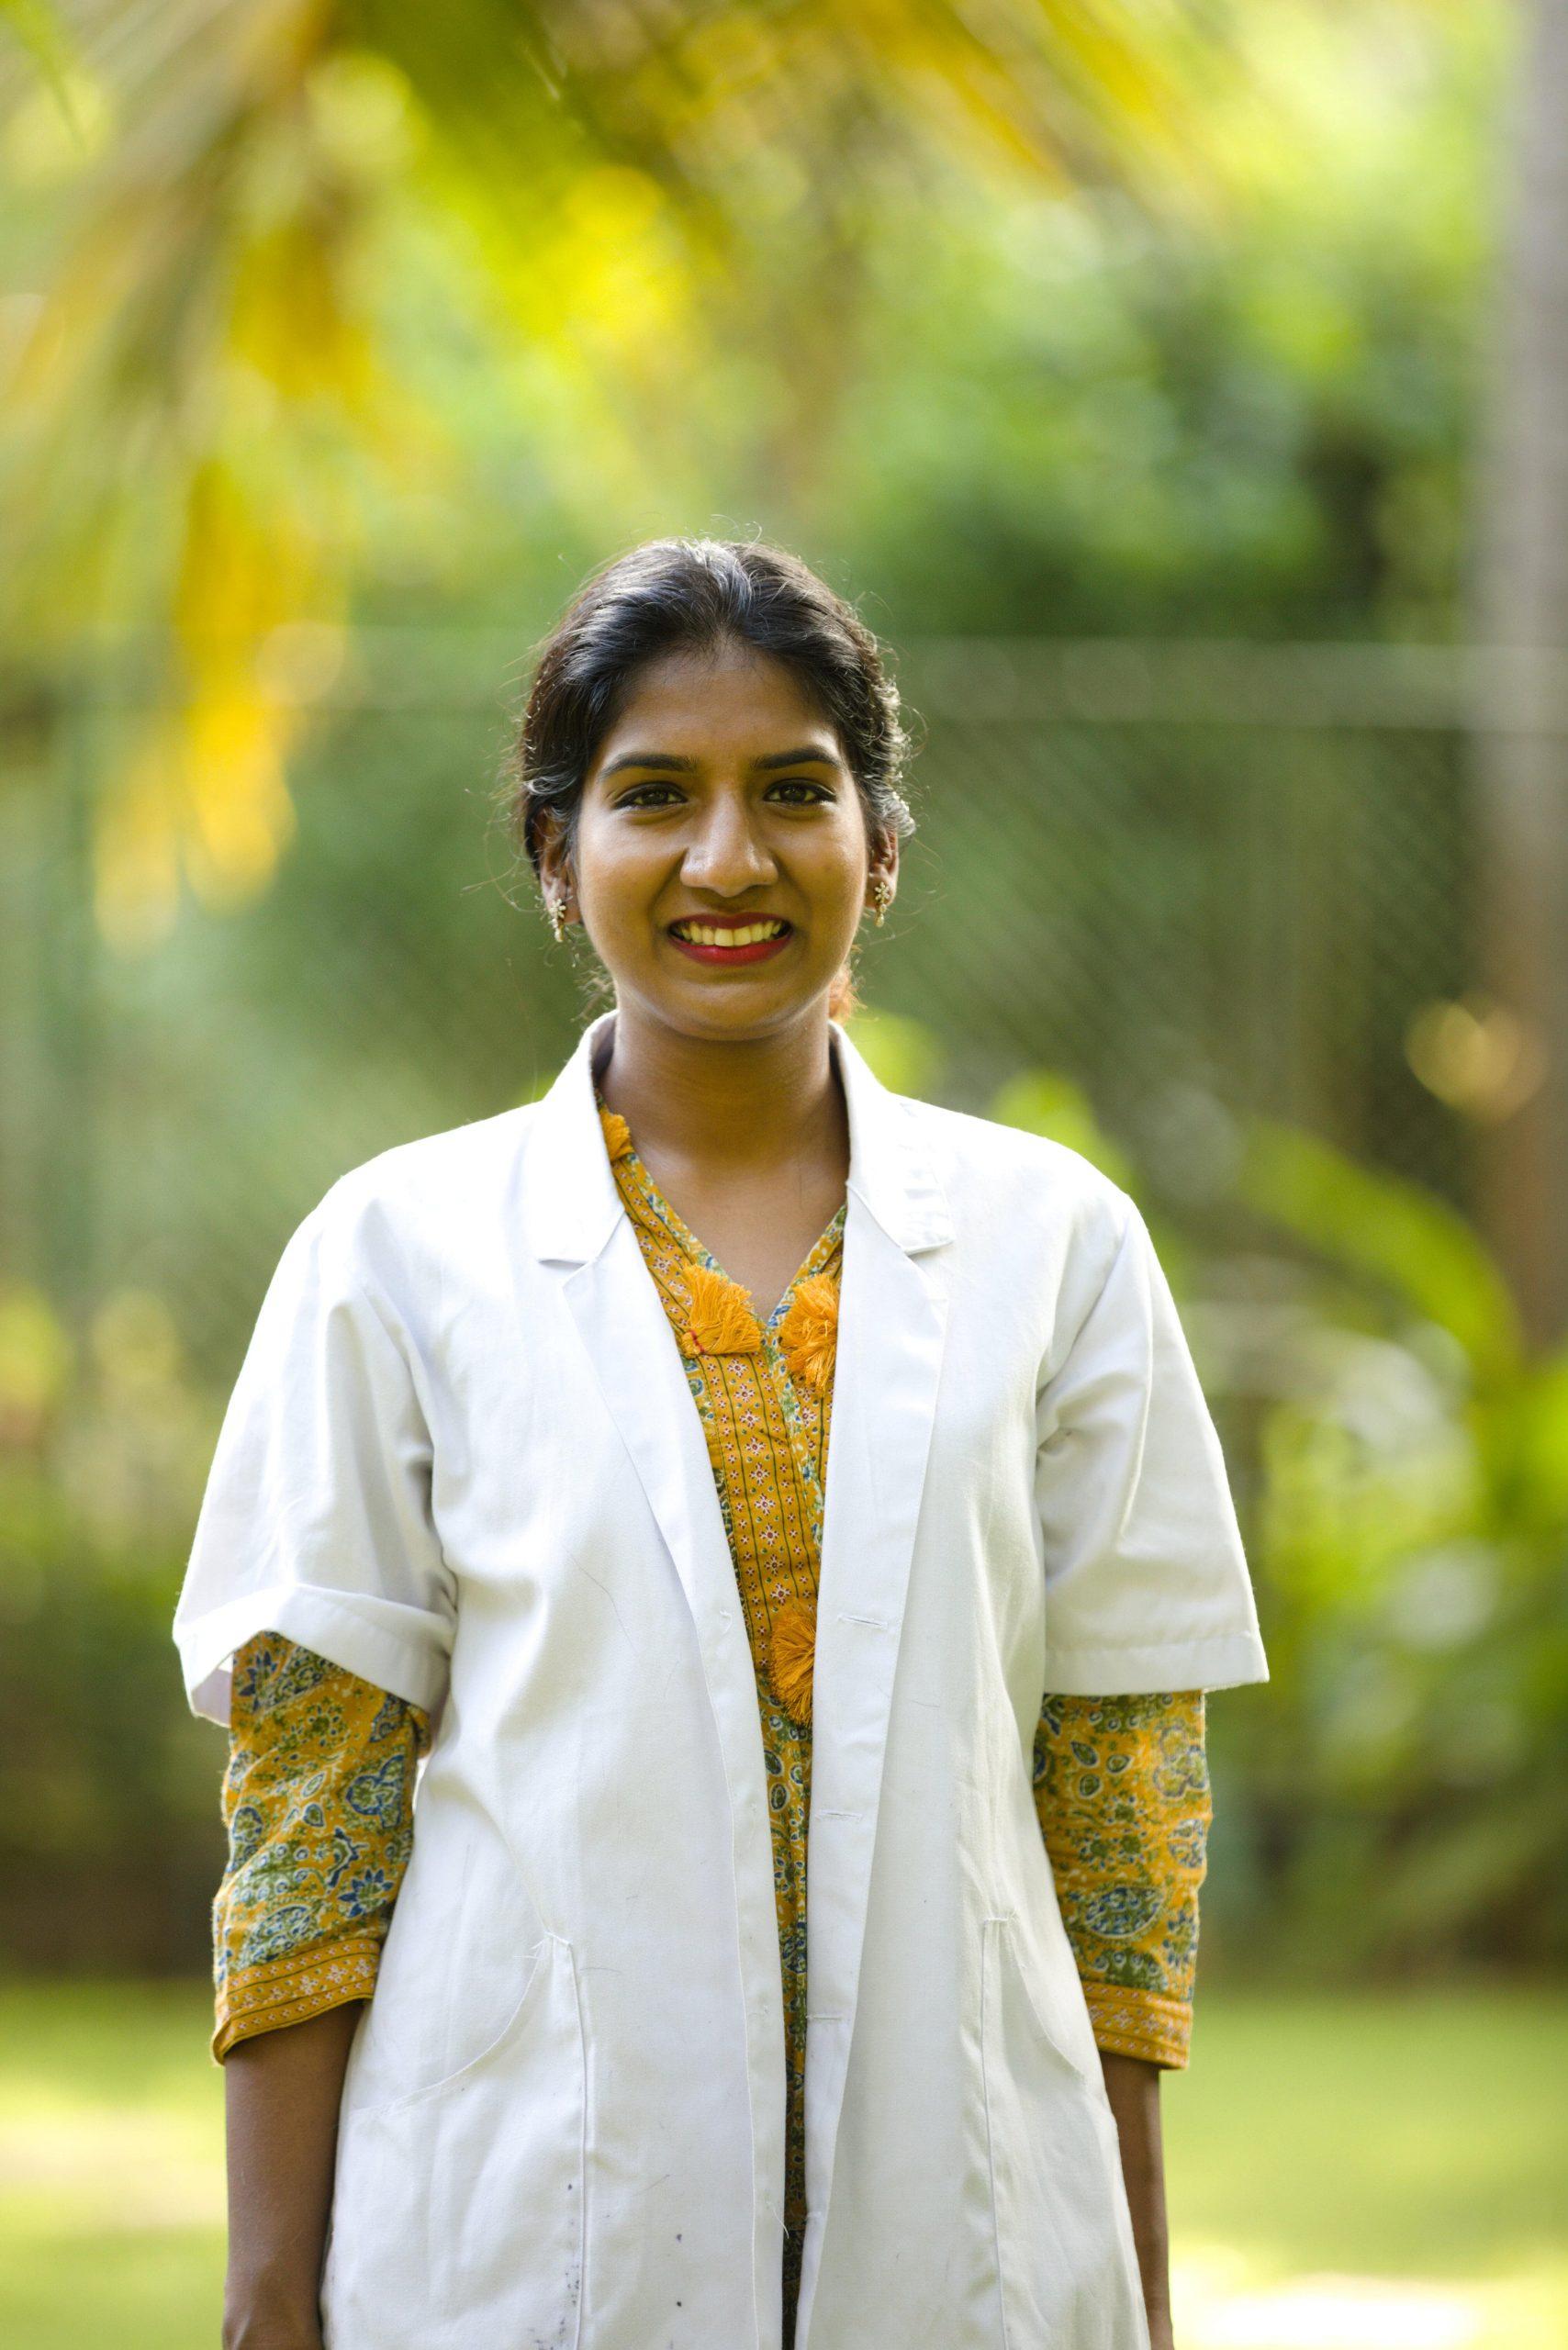 Dr. Parvathi Dinesh